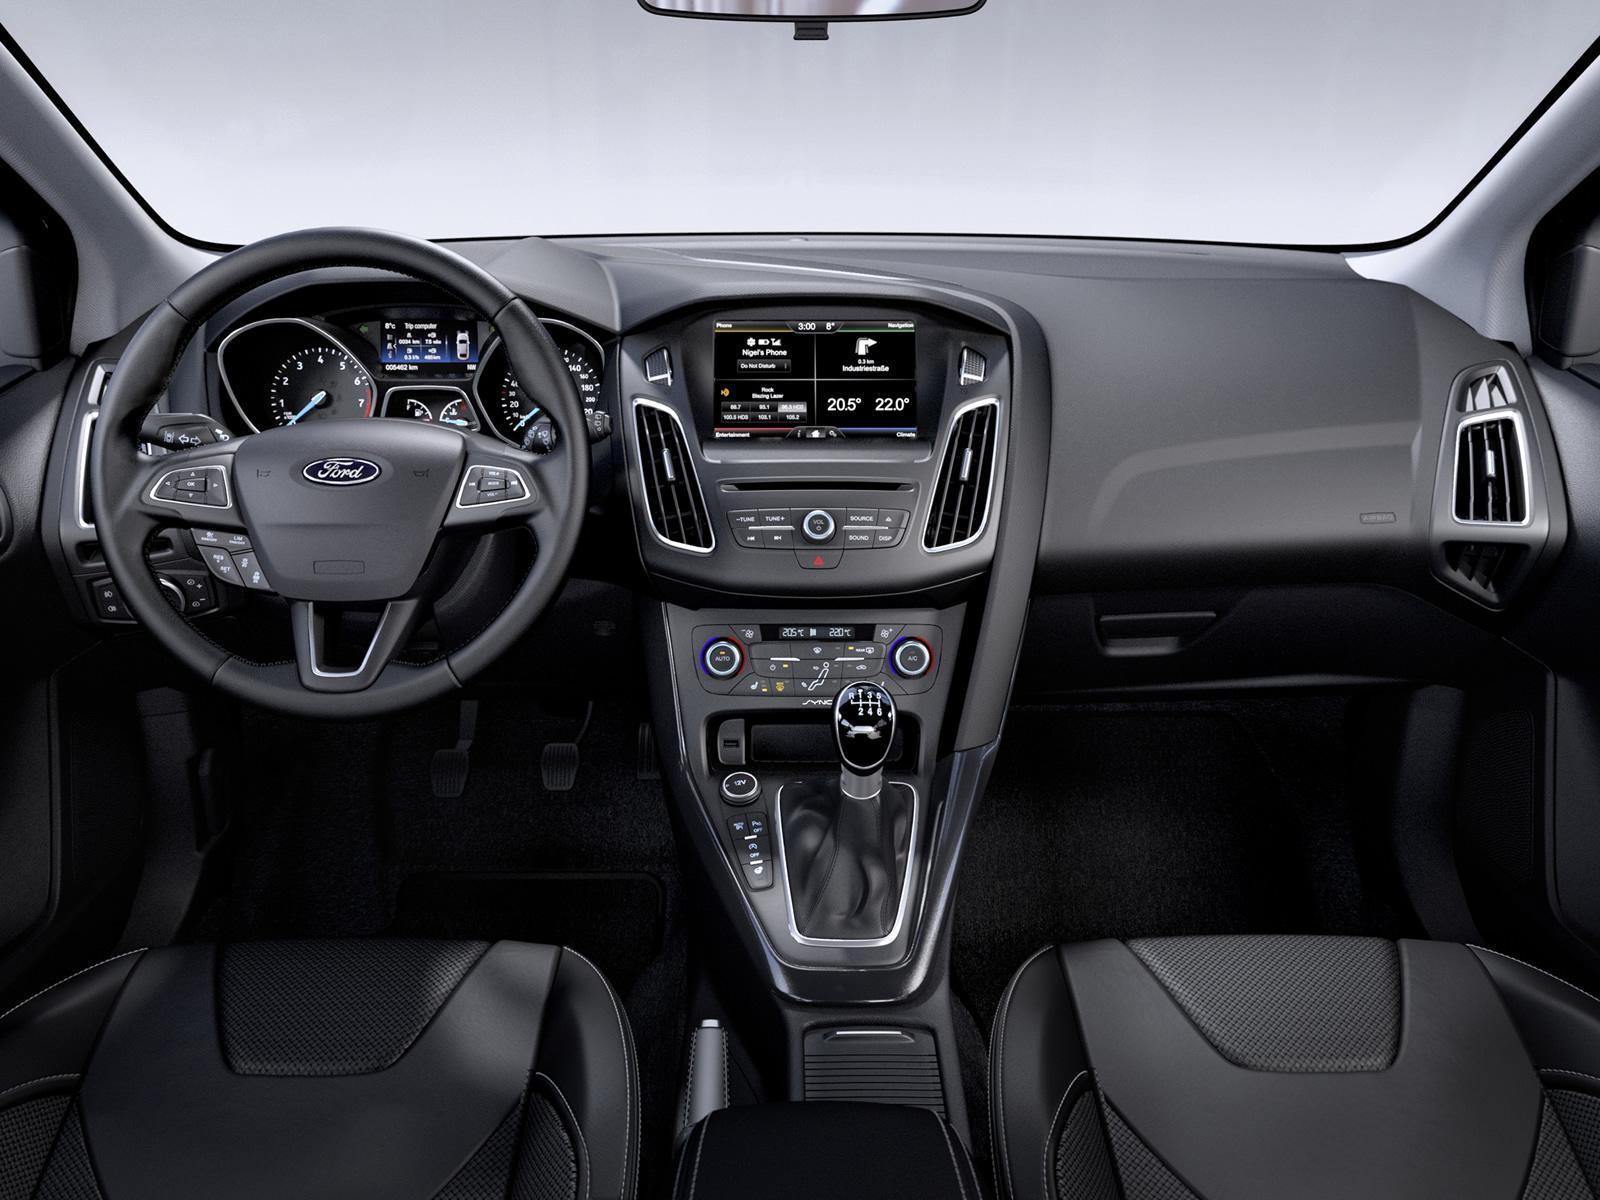 Ford Focus 2018 Interior >> New 2014 Ford Focus-interior